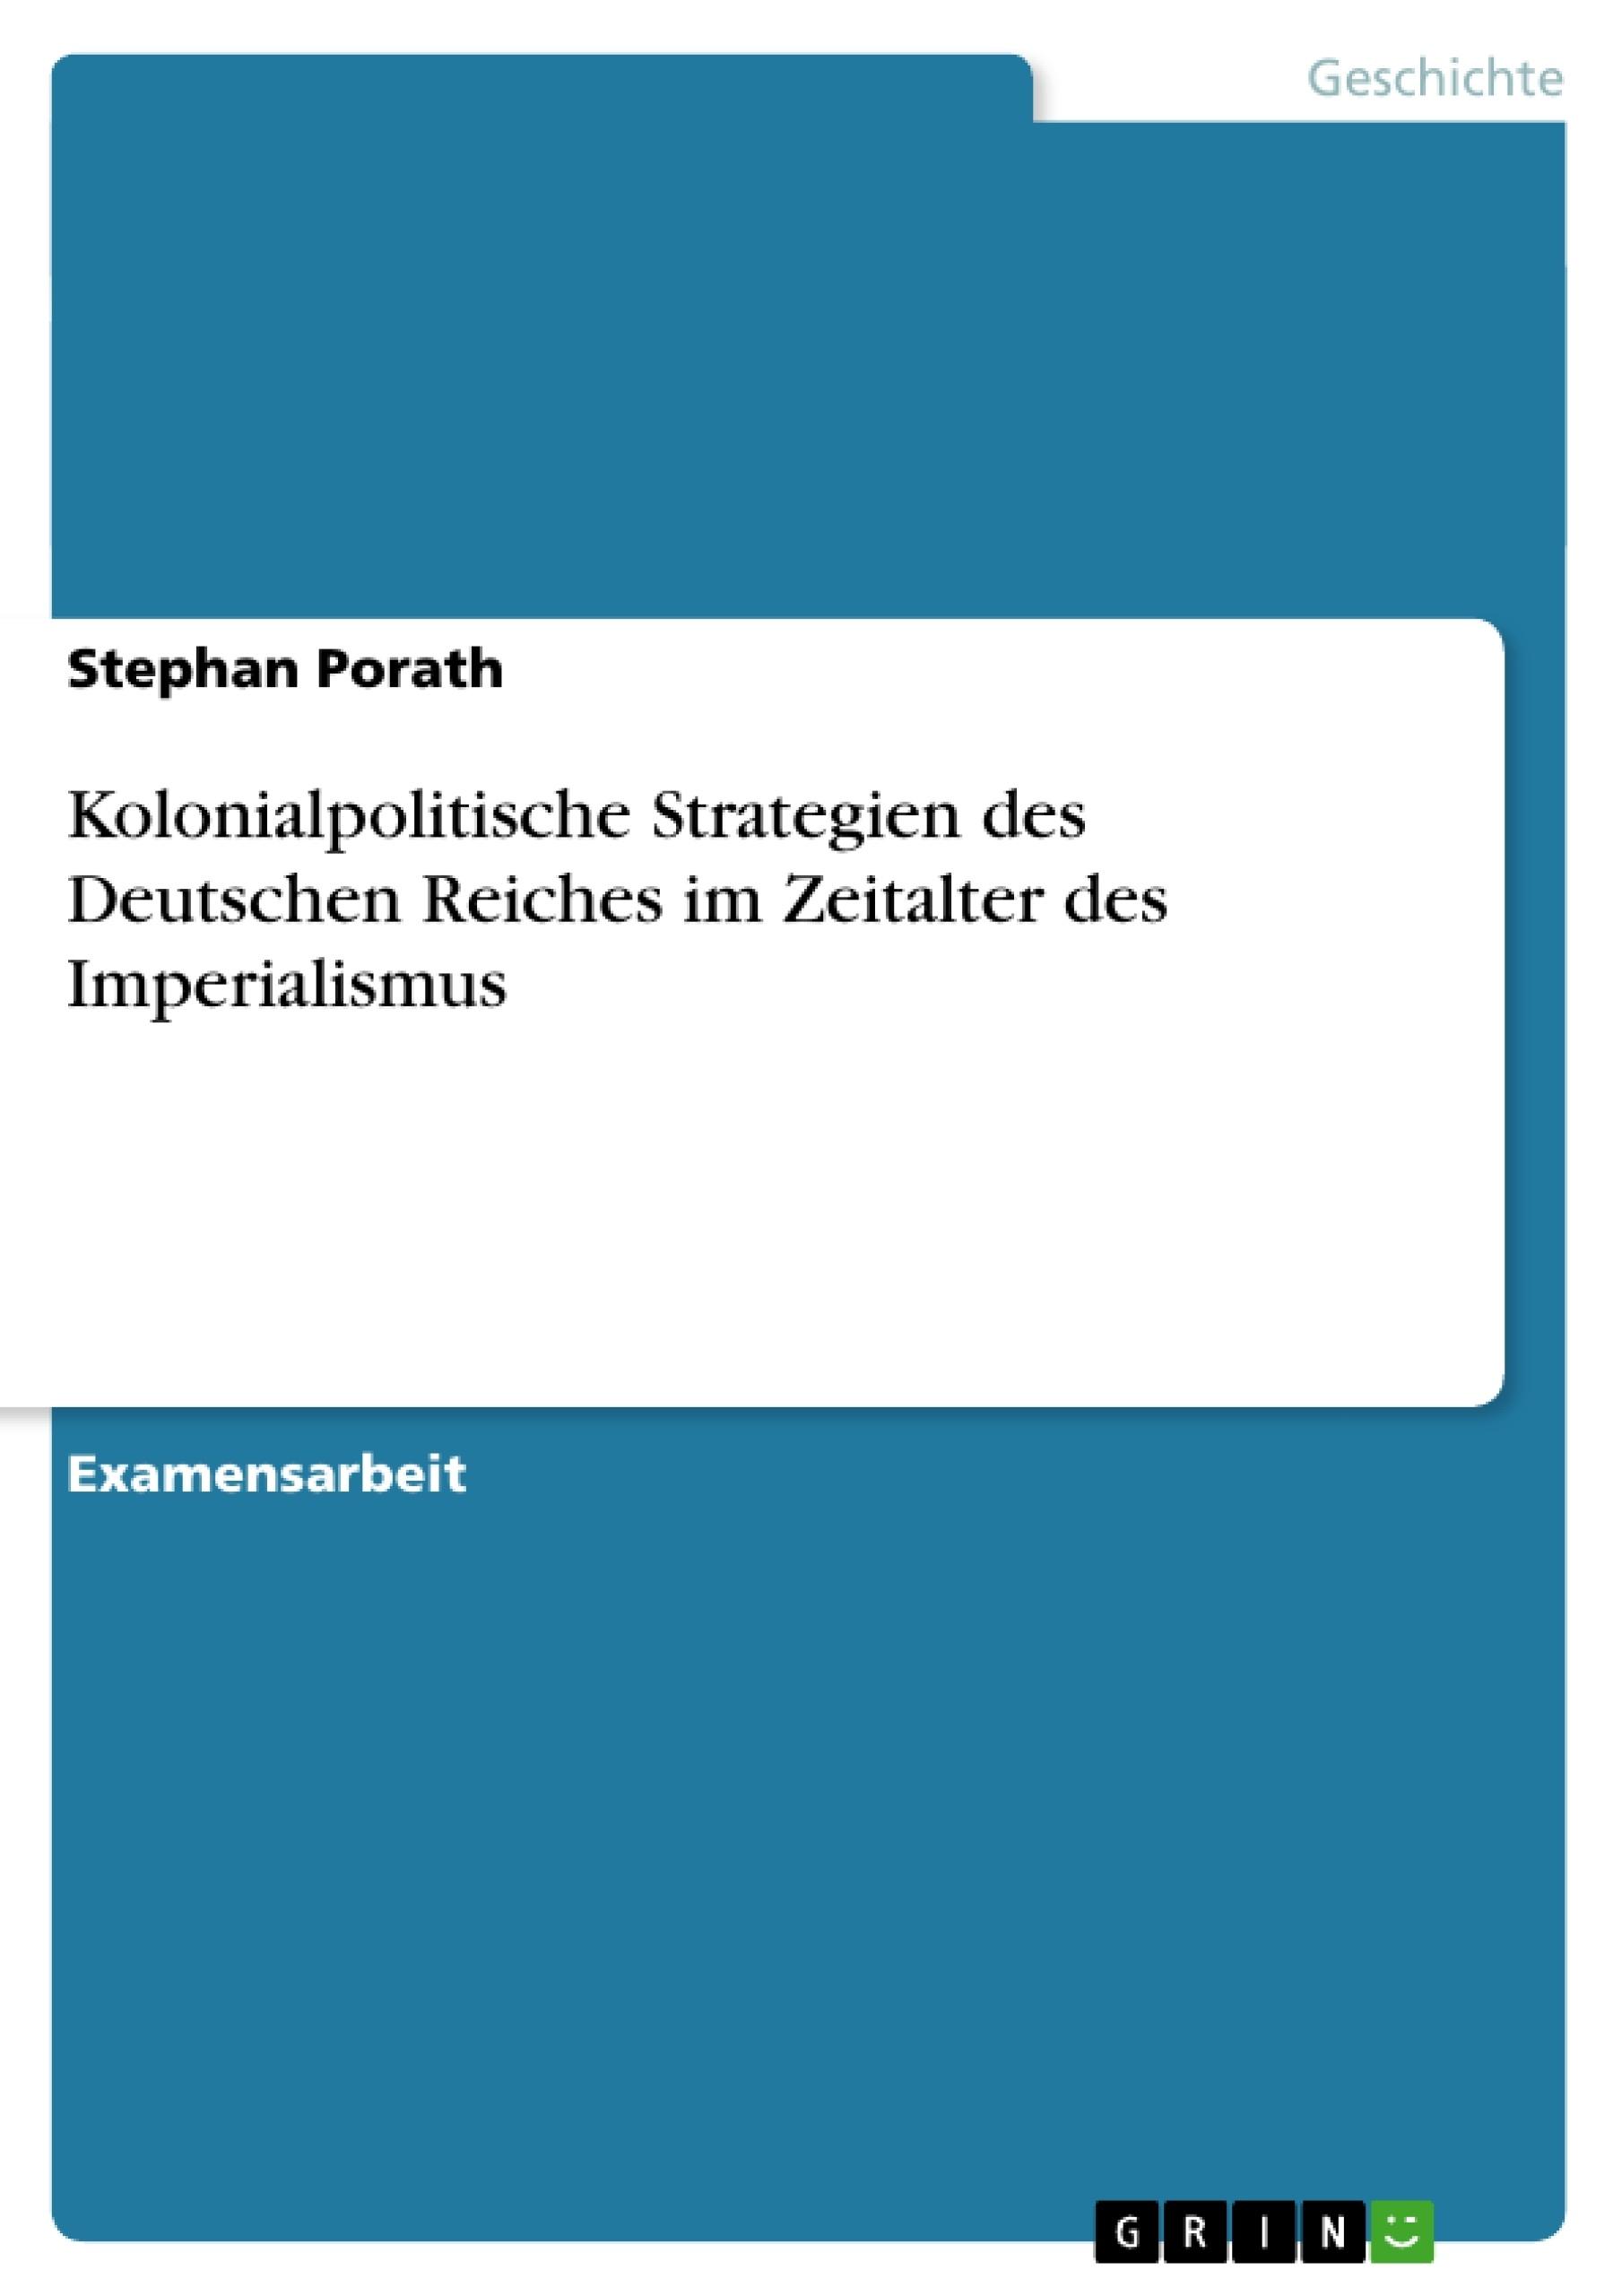 Titel: Kolonialpolitische Strategien des Deutschen Reiches im Zeitalter des Imperialismus